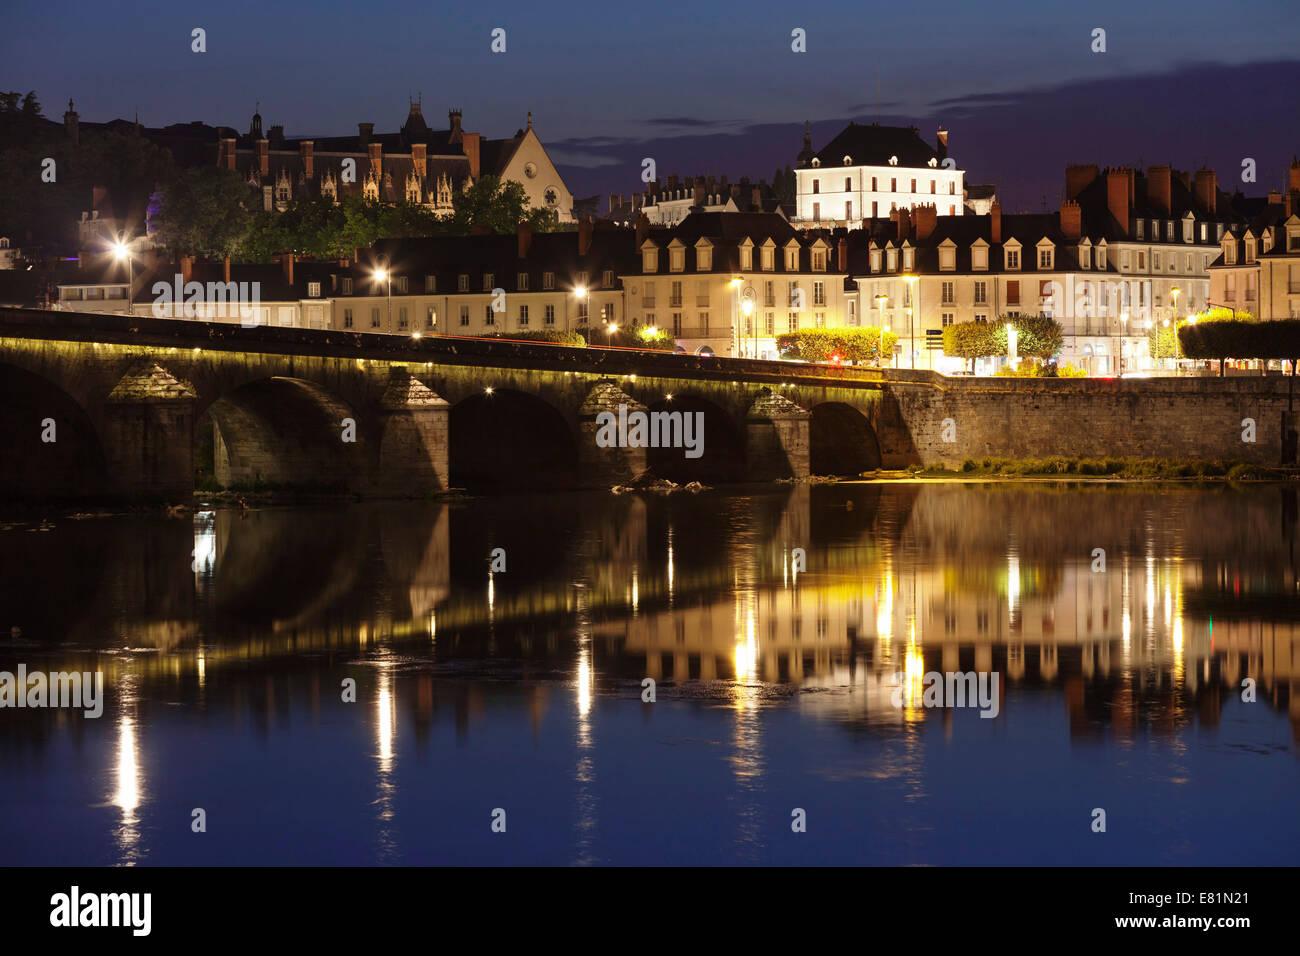 Loire bridge Pont Jacques Gabriel, Blois, Loir et Cher, France - Stock Image